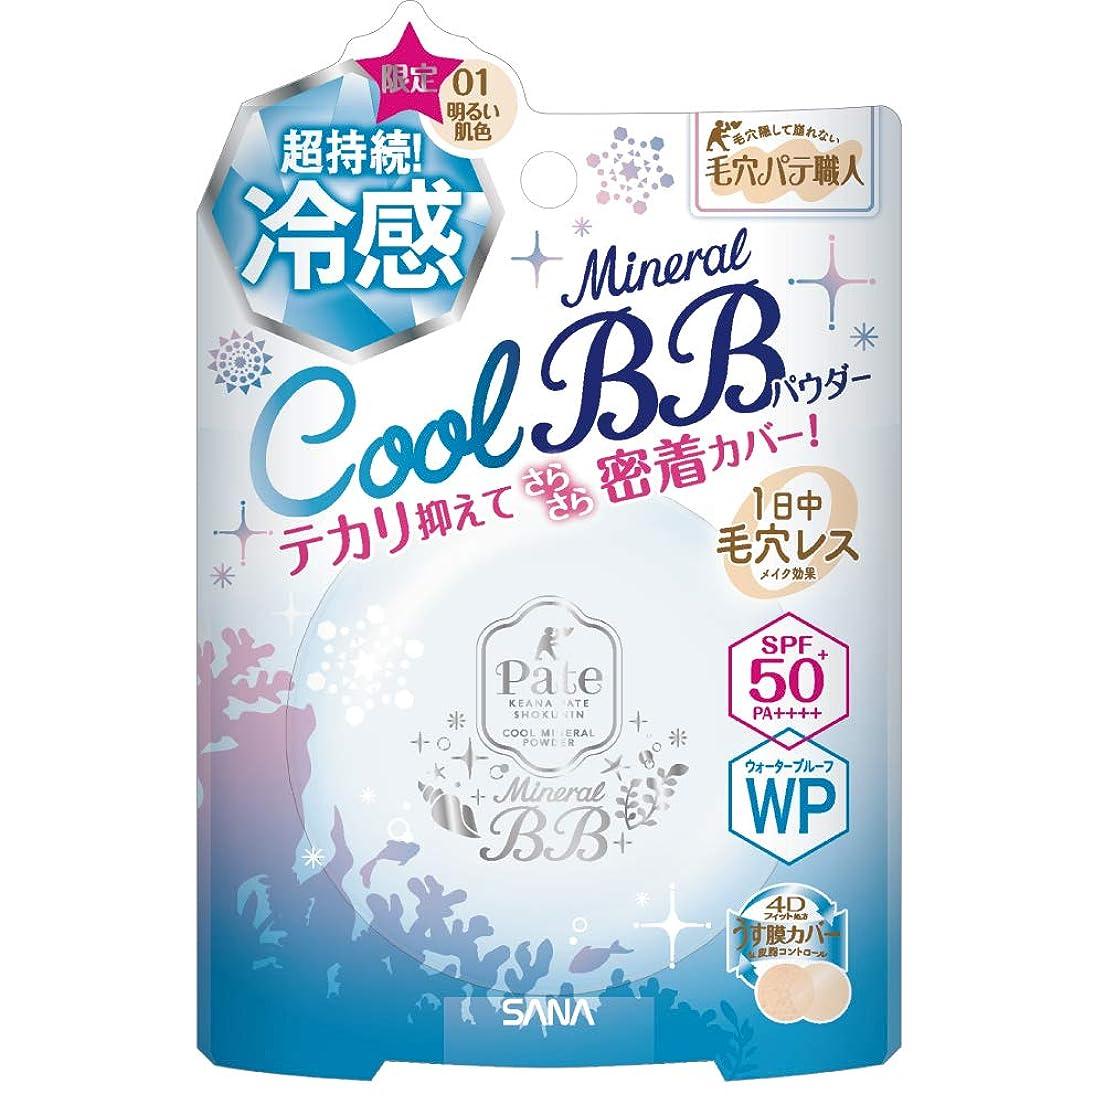 ハードウェア洗剤パネル毛穴パテ職人 ミネラルBBパウダーCOOL 01 明るい肌色 ウォータープルーフ SPF50+ PA++++